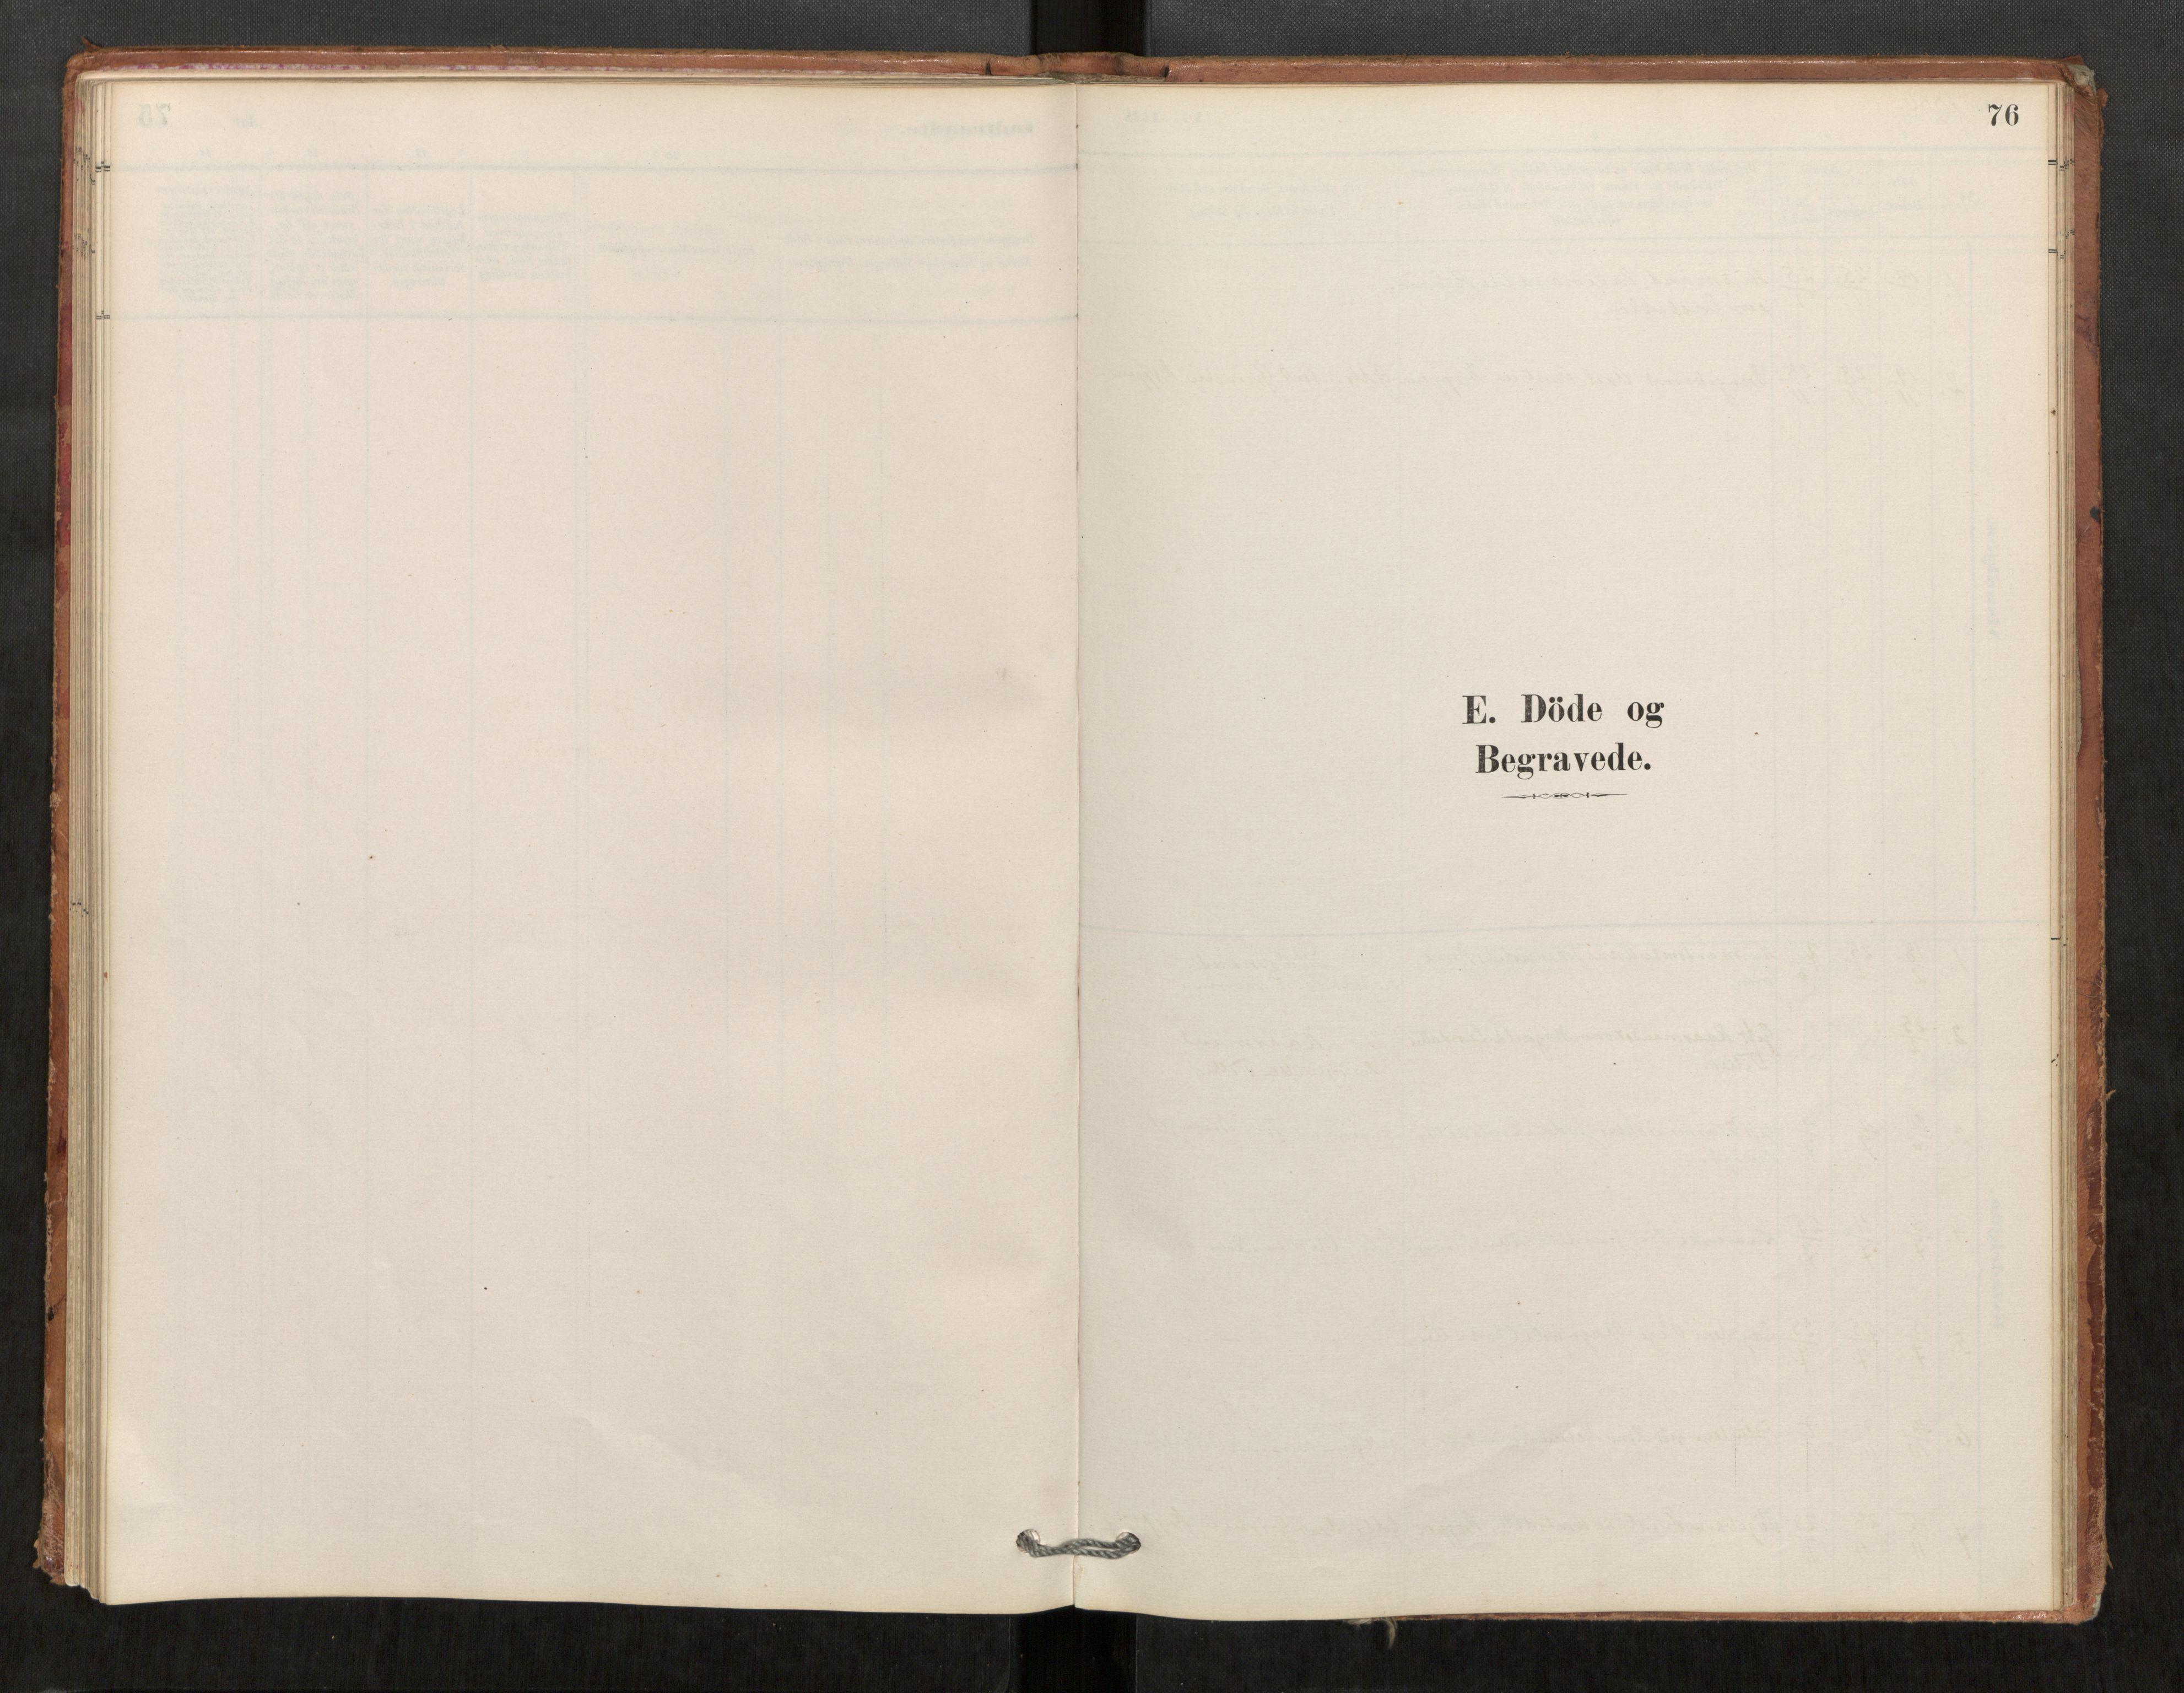 SAT, Klæbu sokneprestkontor, Parish register (official) no. 1, 1880-1900, p. 76